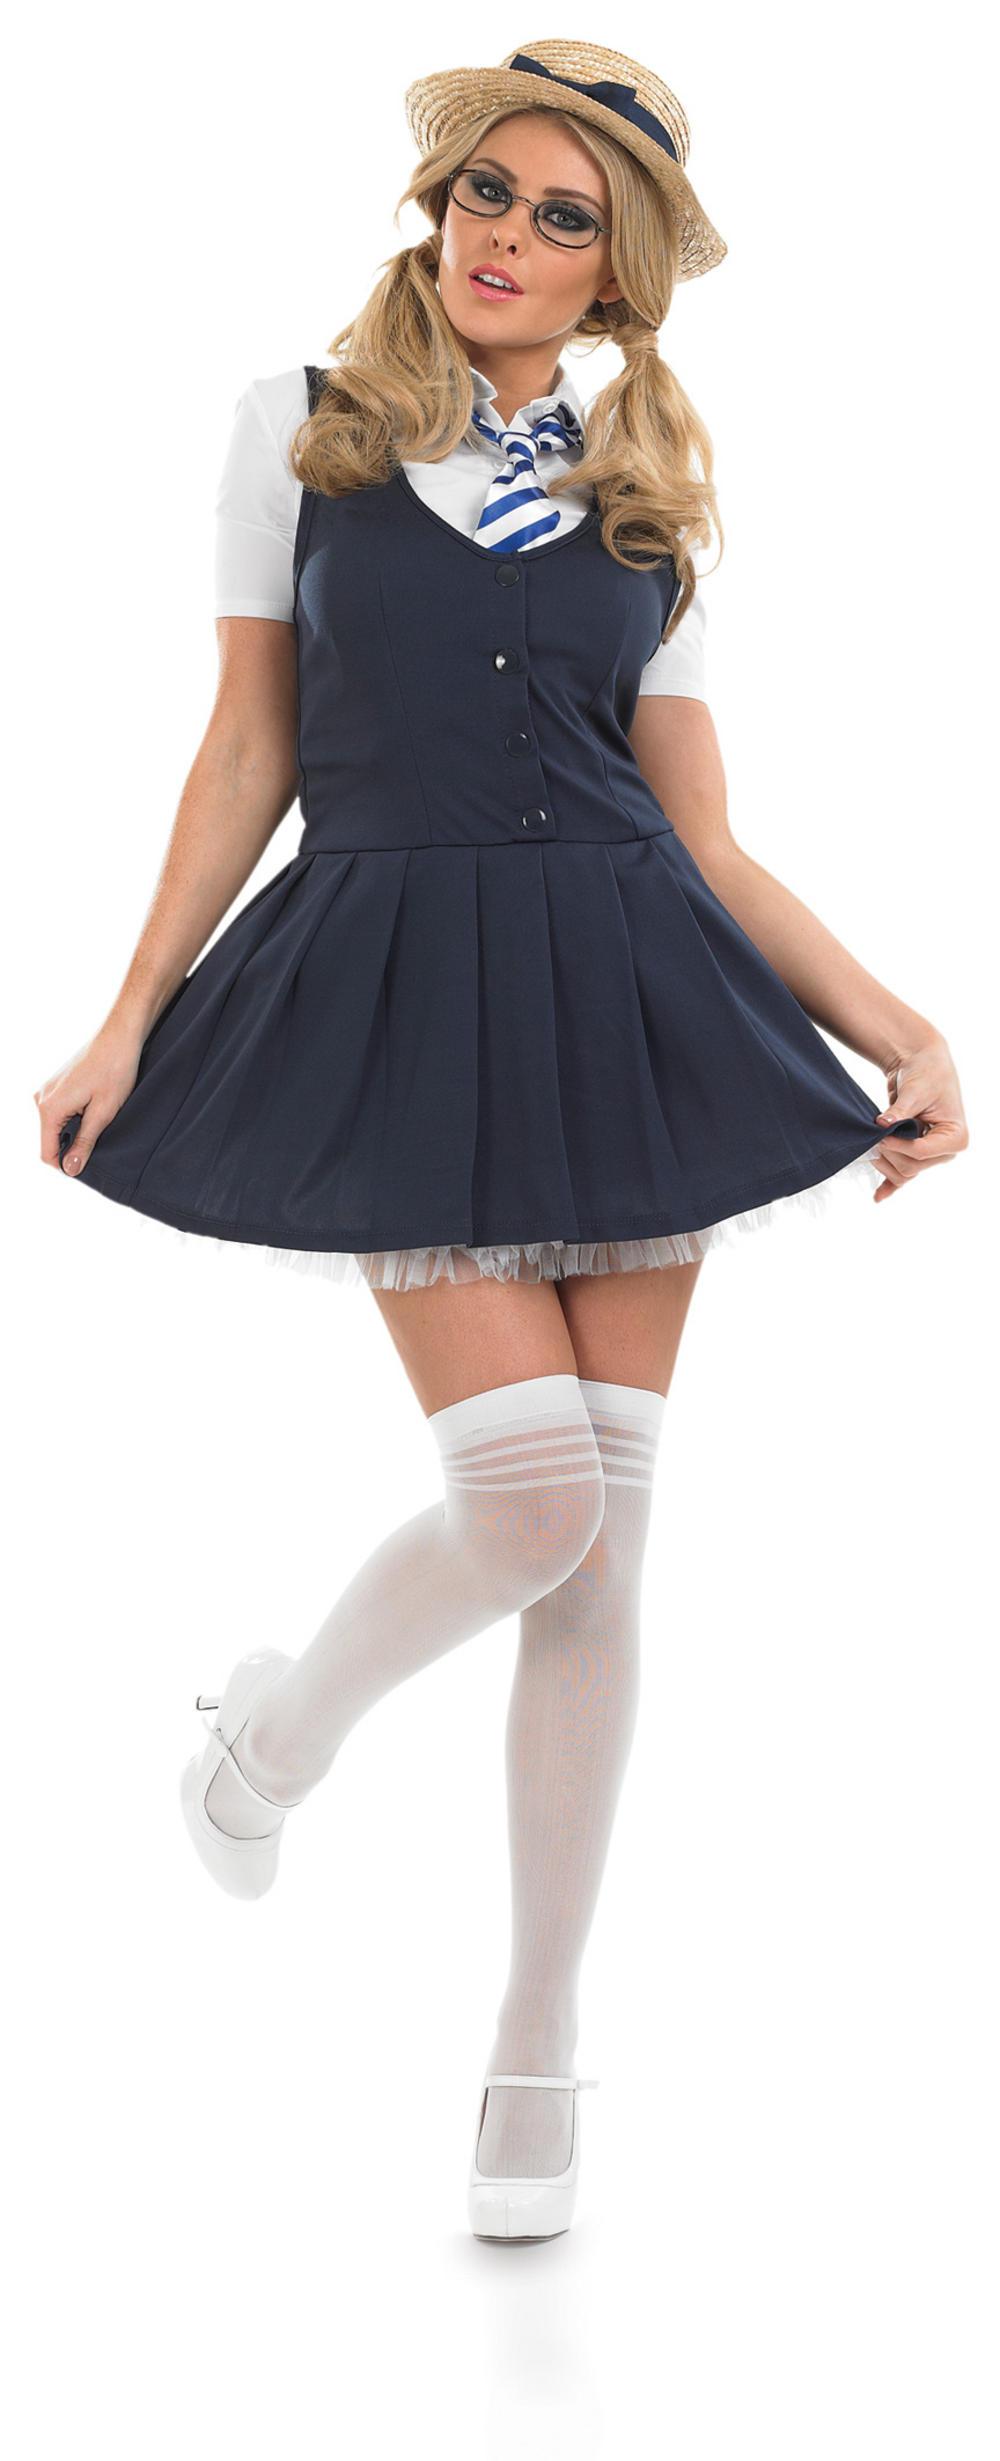 Ladies School Girl Tutu Costume